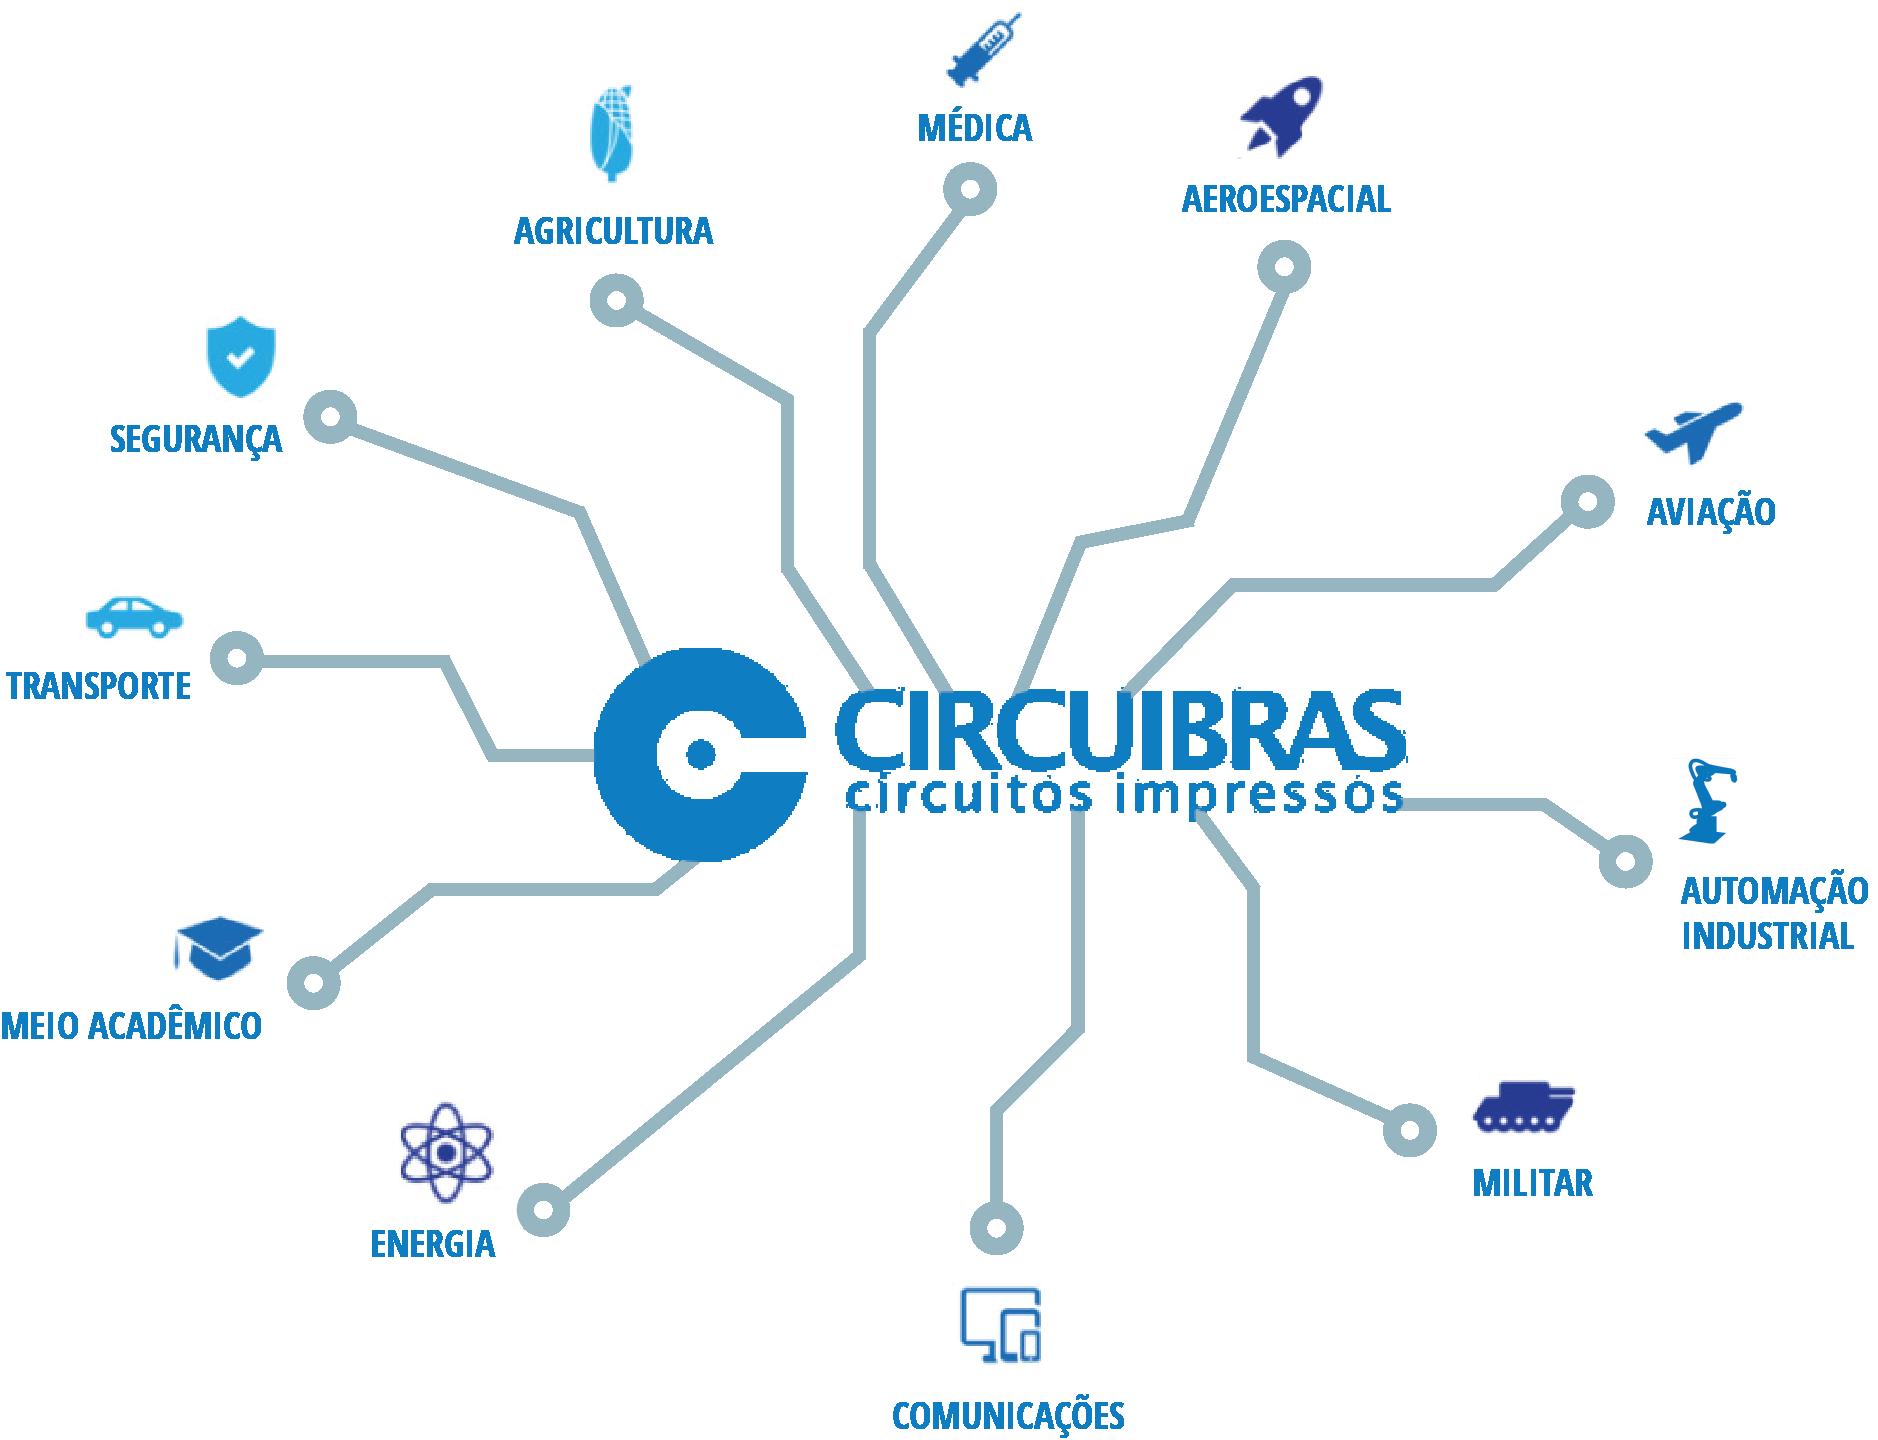 grafico-circuibras2